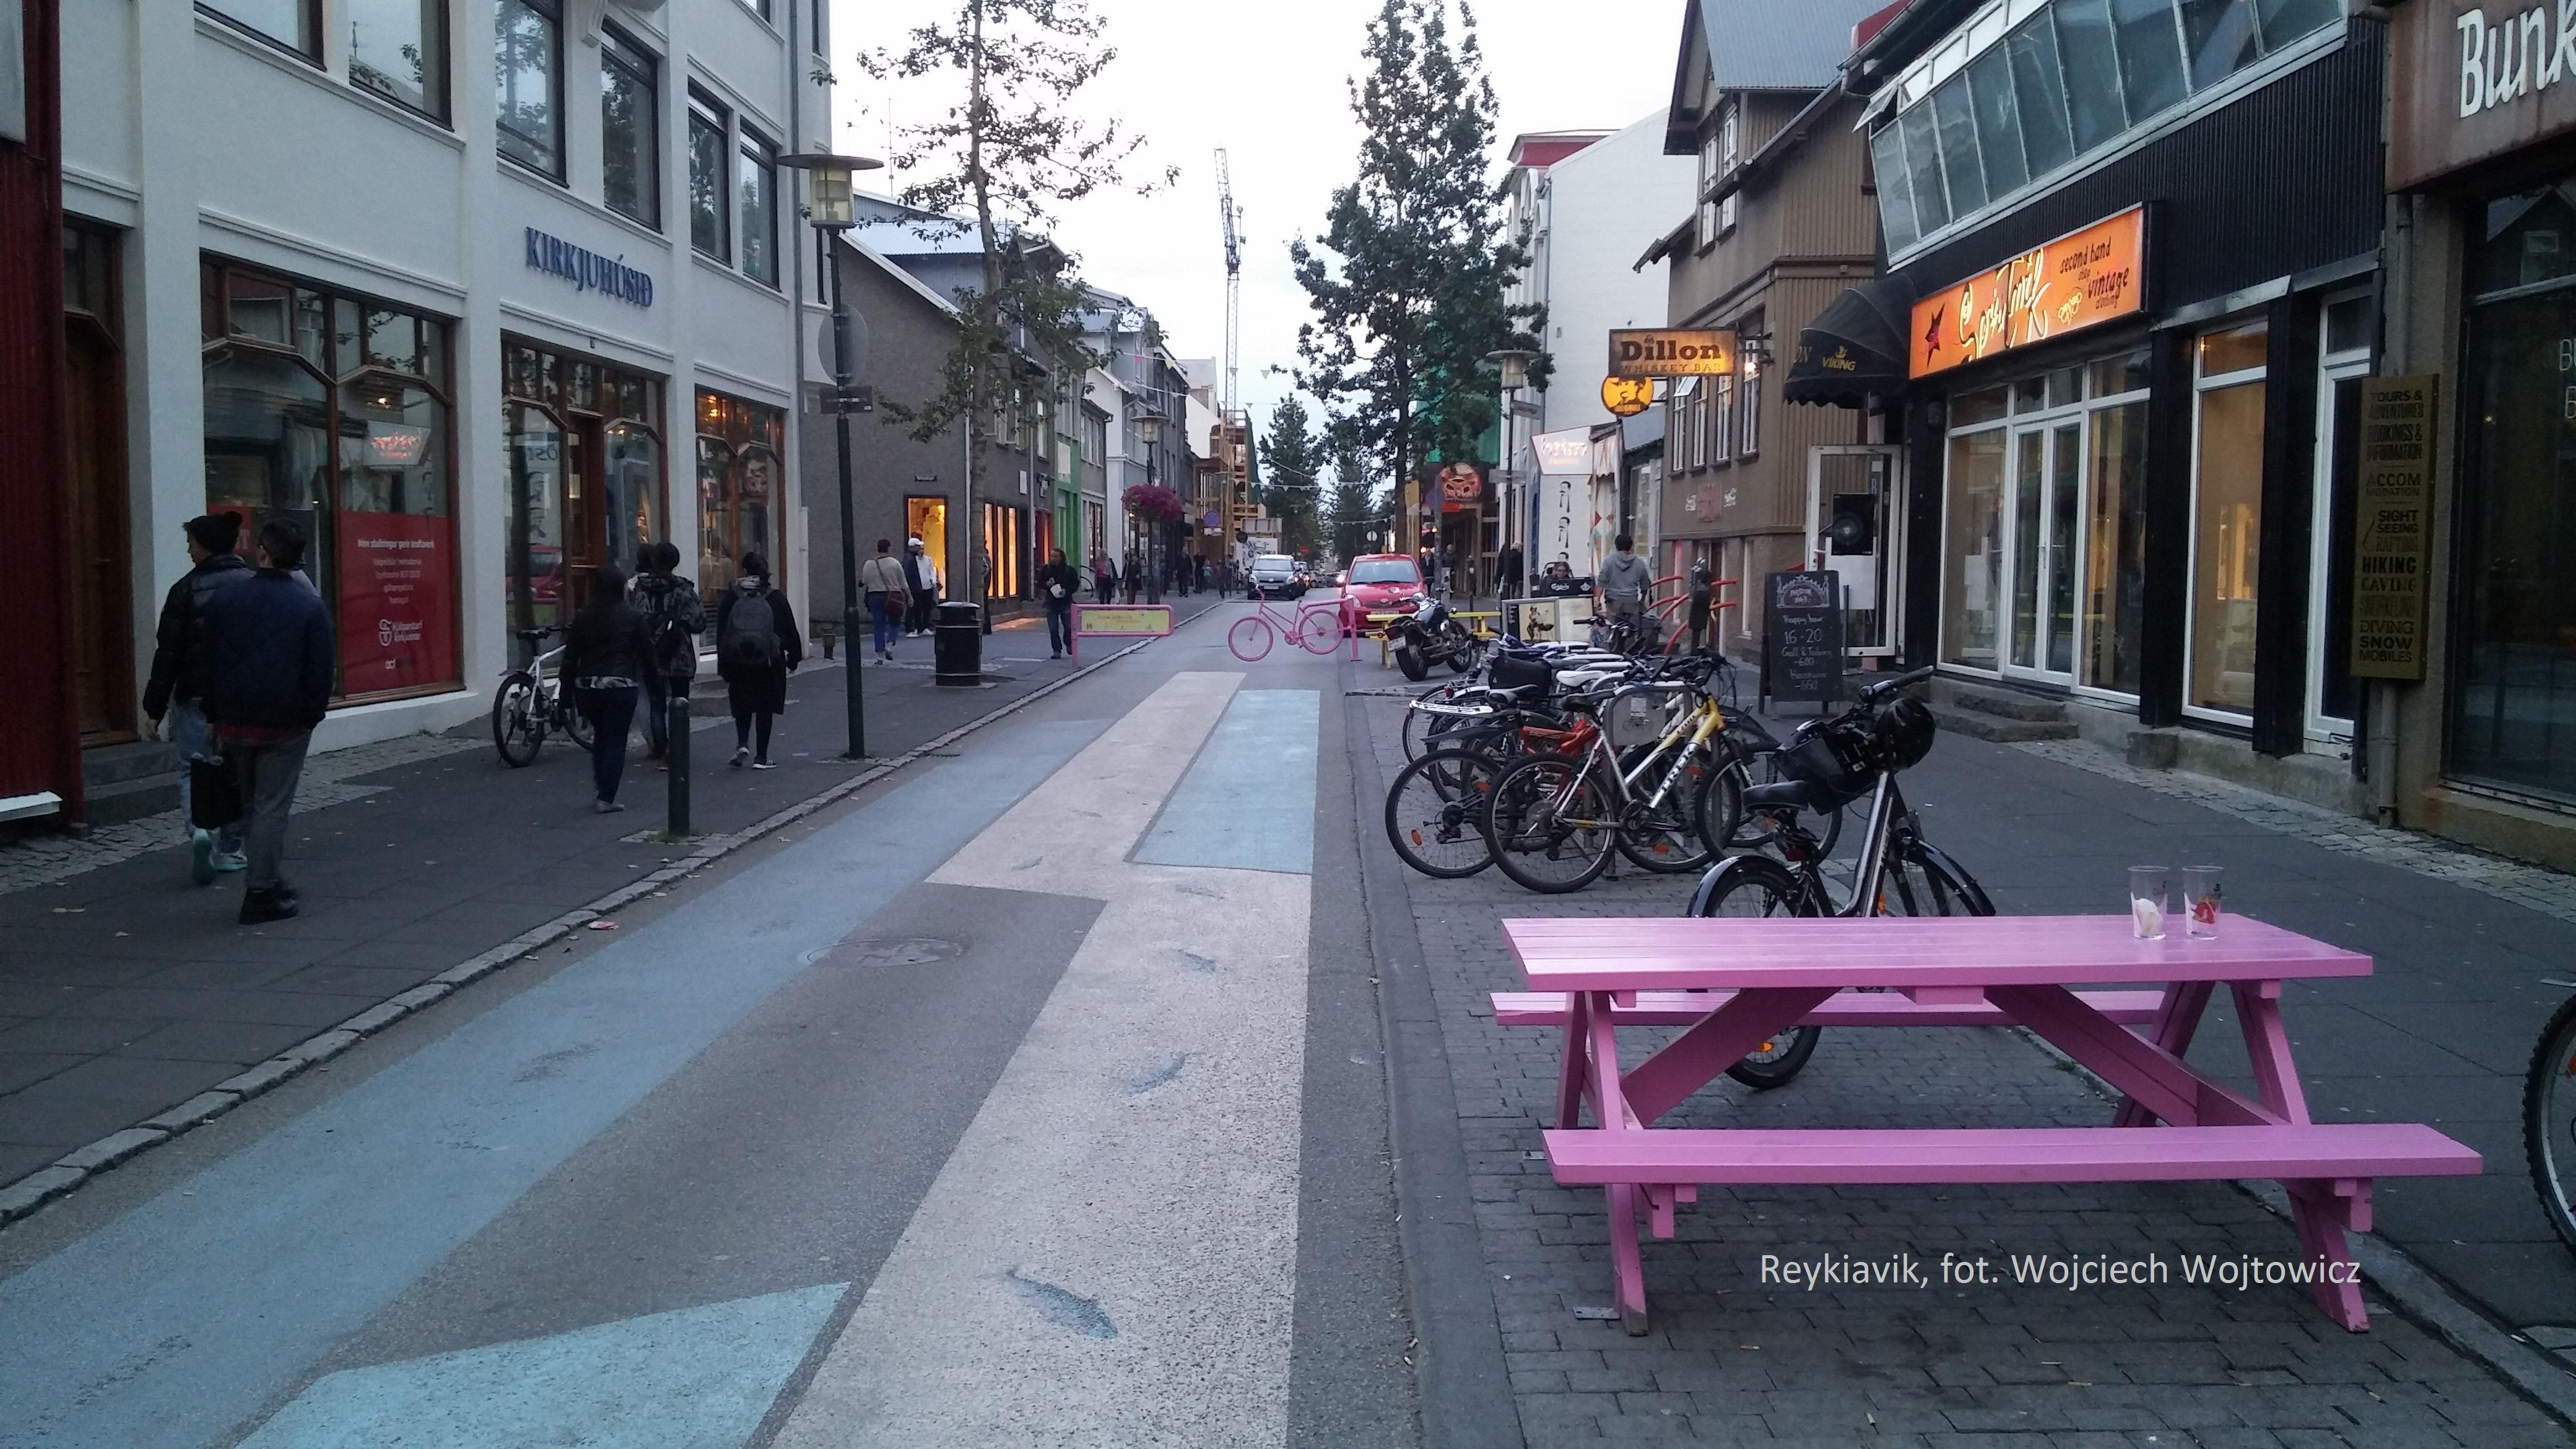 Główna ulica Reykjaviku, Laugavegur została częściowo przekształcona w deptak.